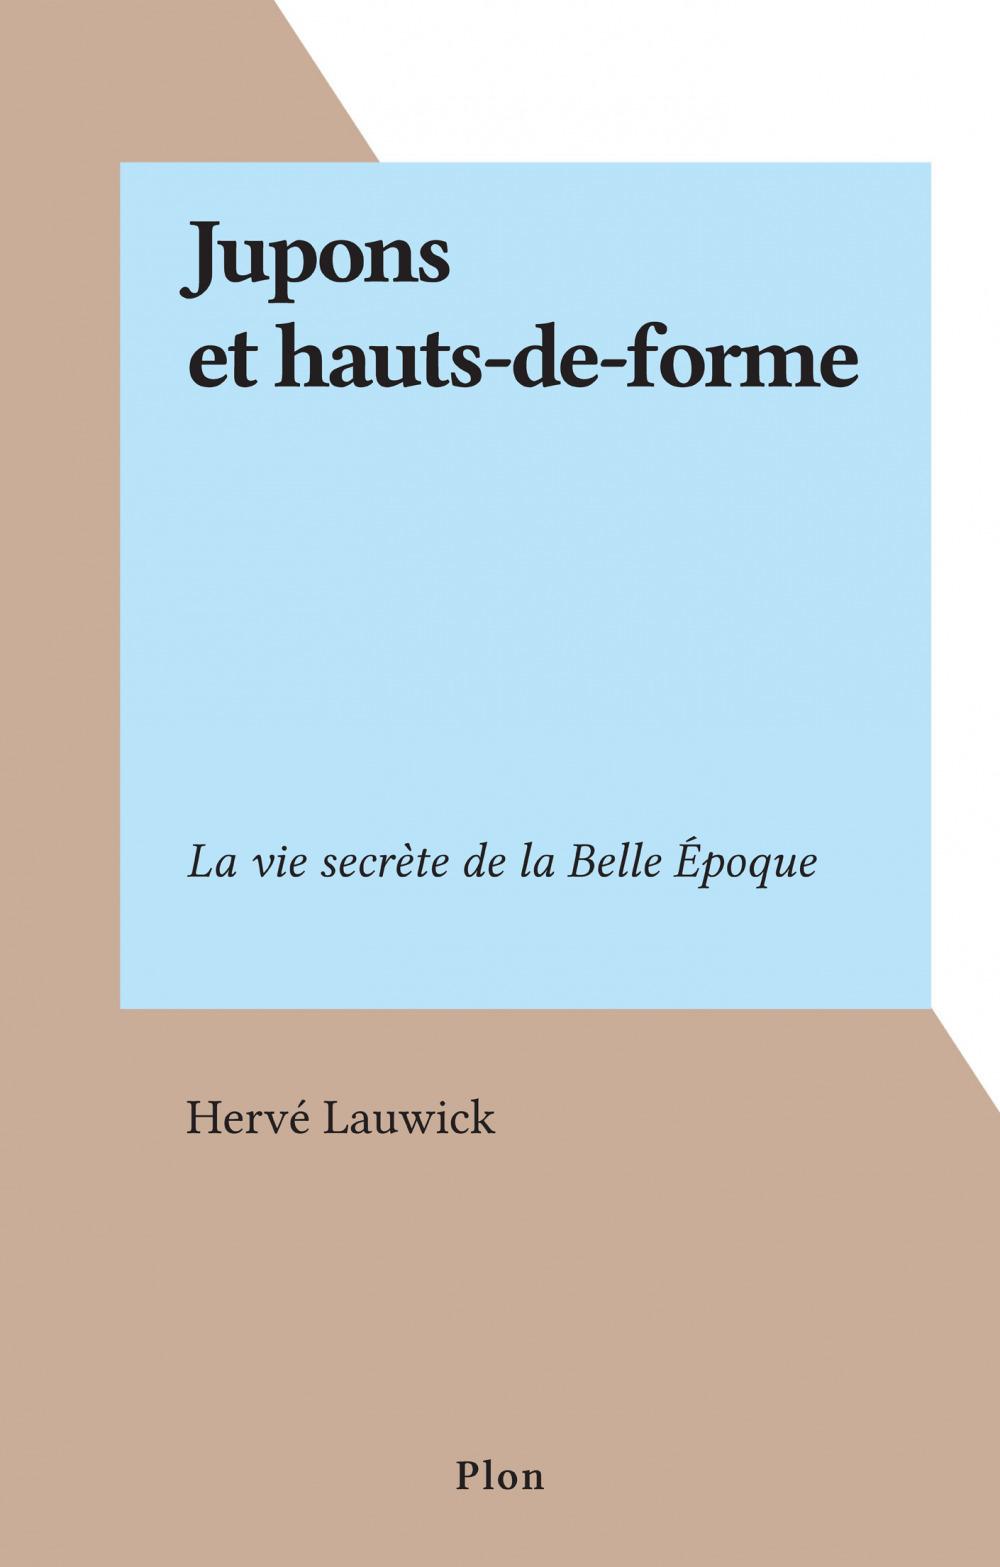 Jupons et hauts-de-forme  - Hervé Lauwick